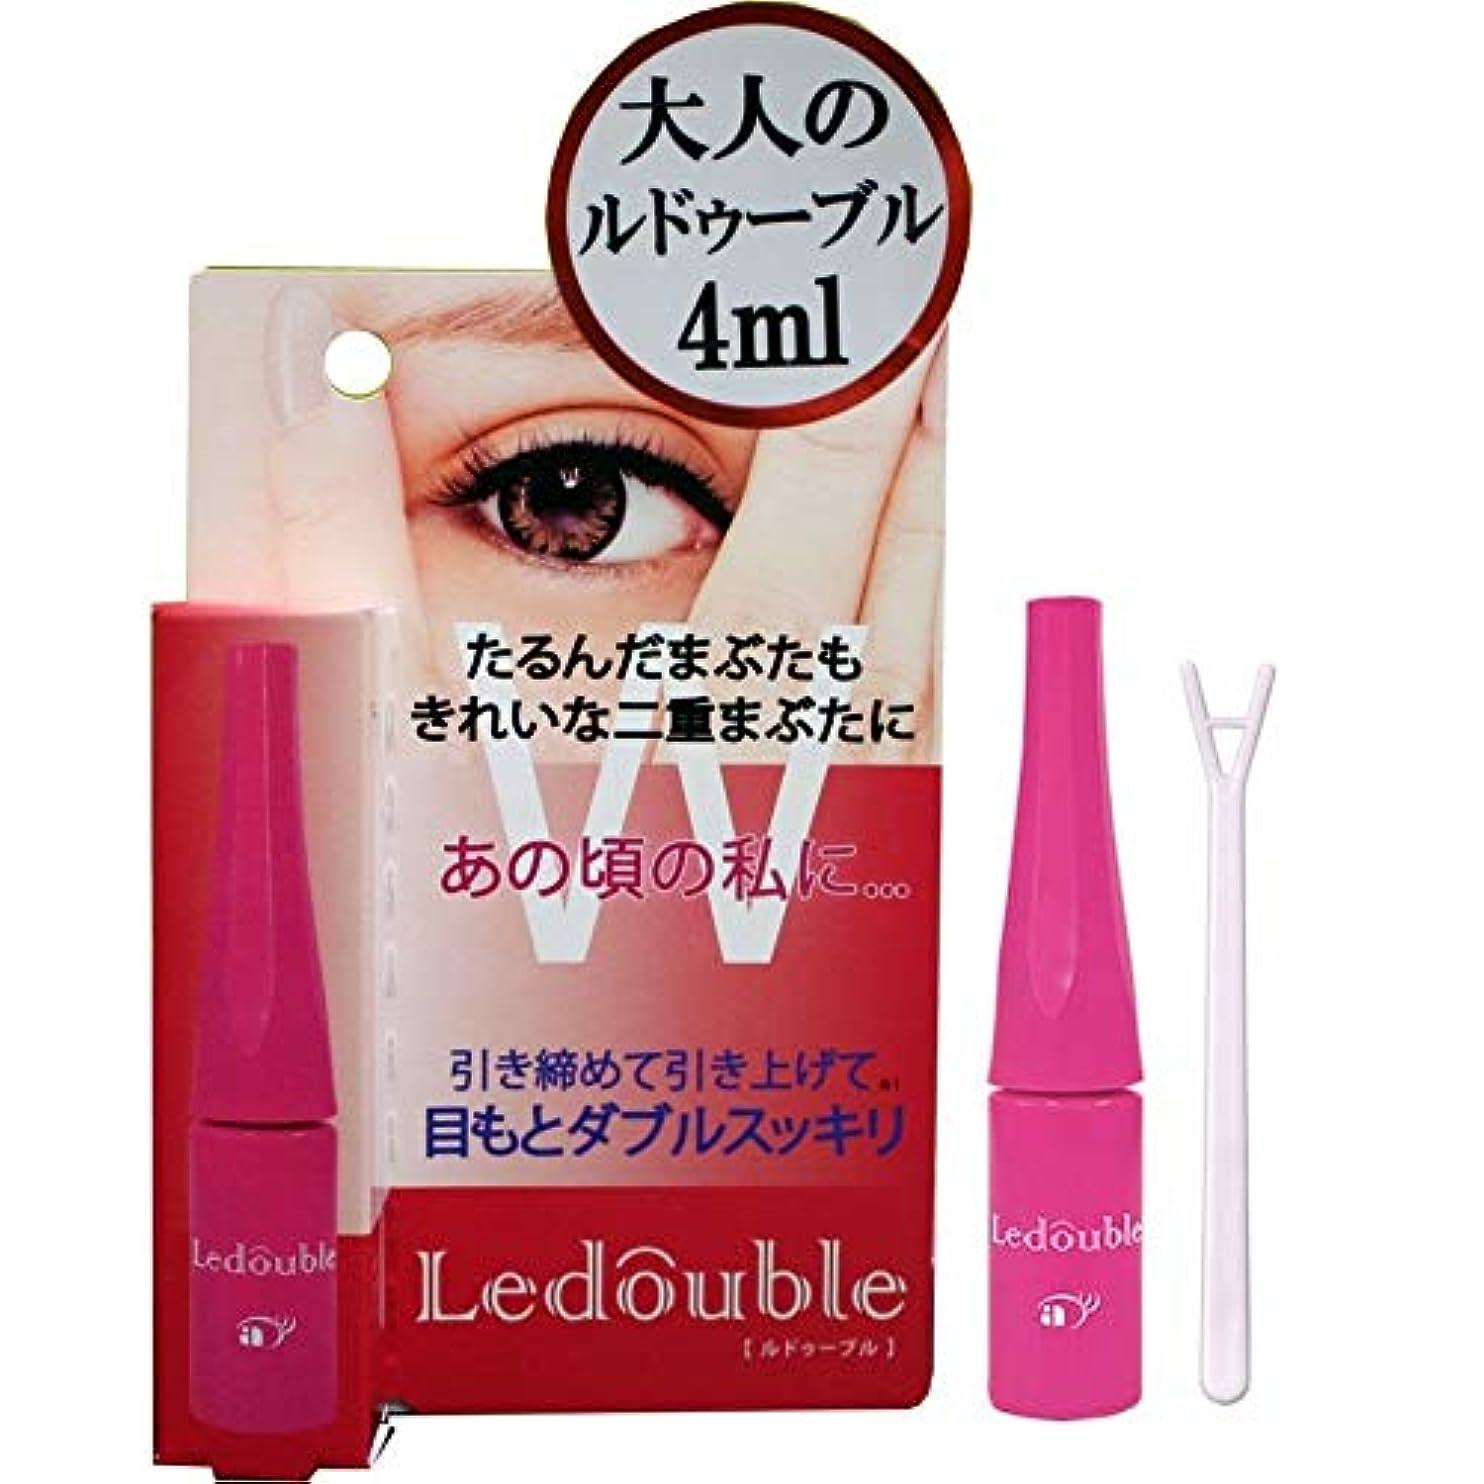 システム陰気供給大人のLedouble [大人のルドゥーブル] 二重まぶた化粧品 (4mL)